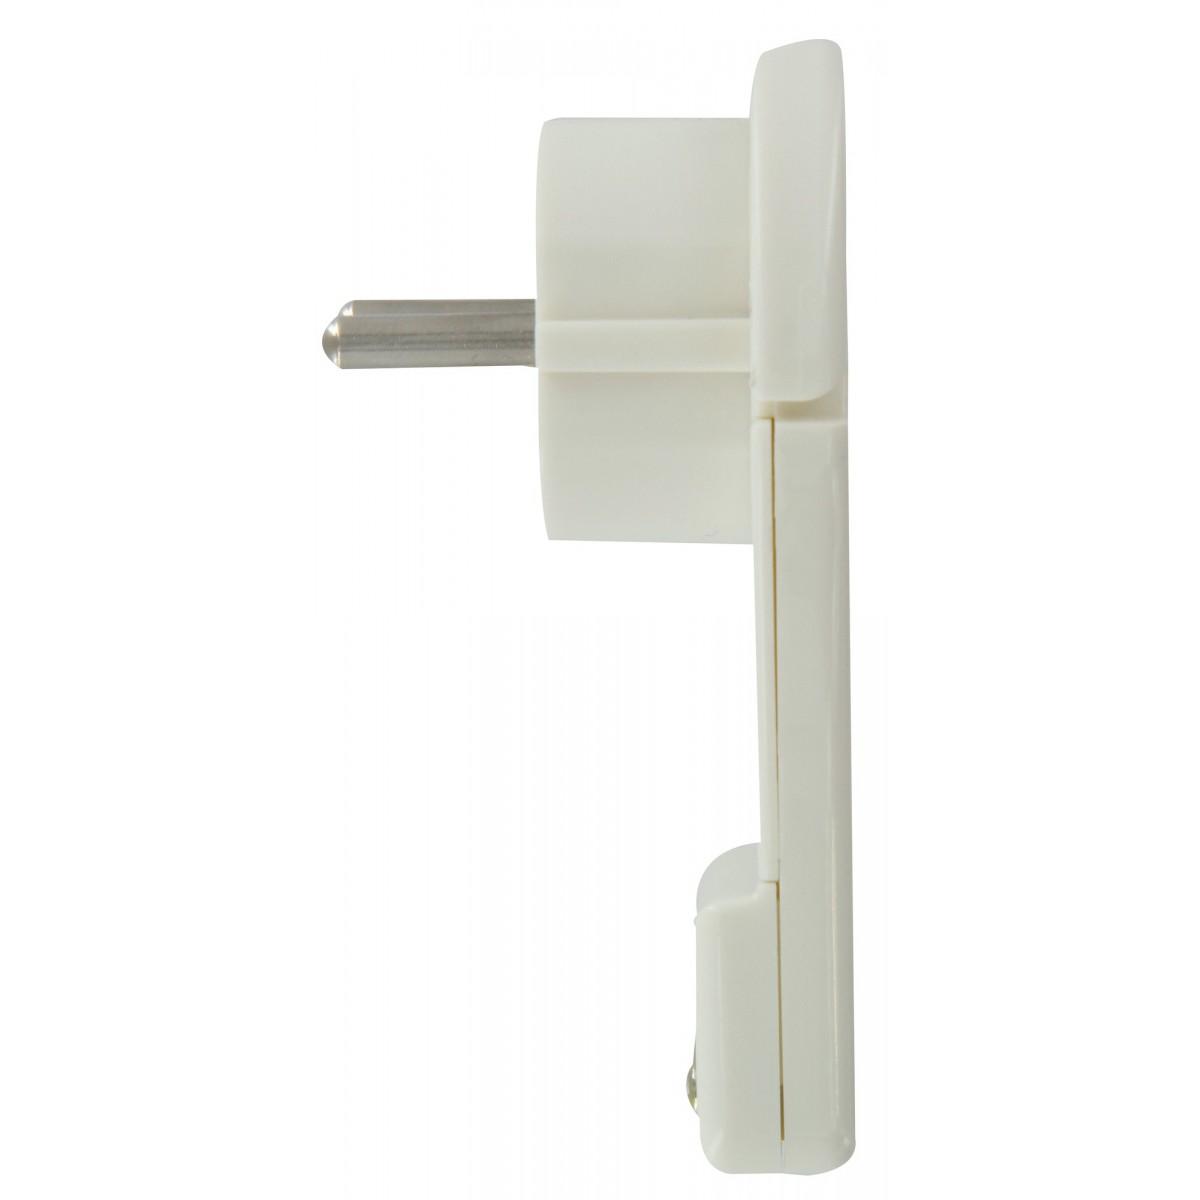 Fiche plastique extra plate 2P+T Dhome - Mâle - 16 A - Blanc